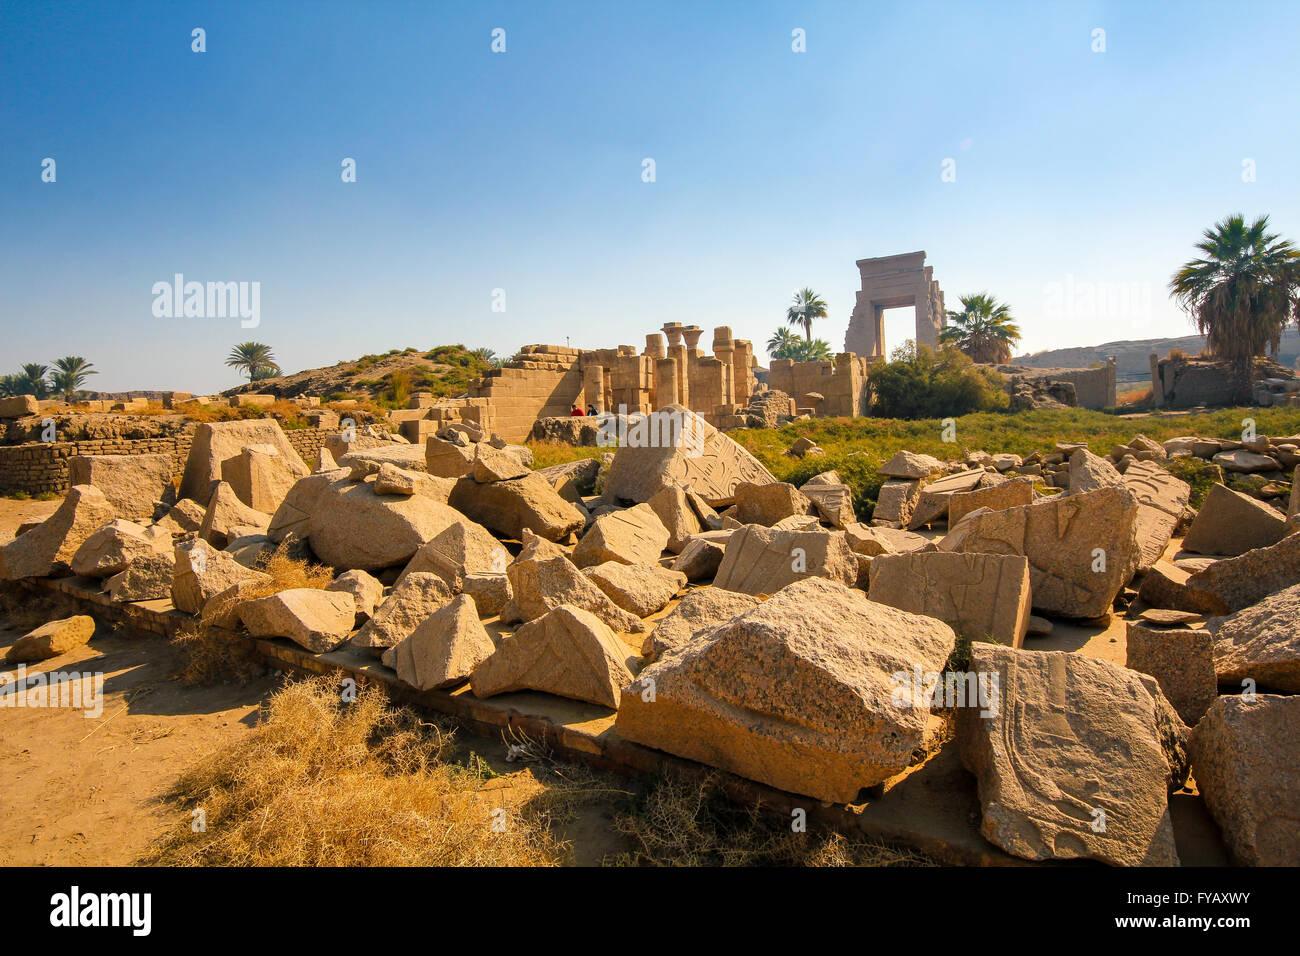 Tempio di Karnak Luxor Egitto, Africa Immagini Stock